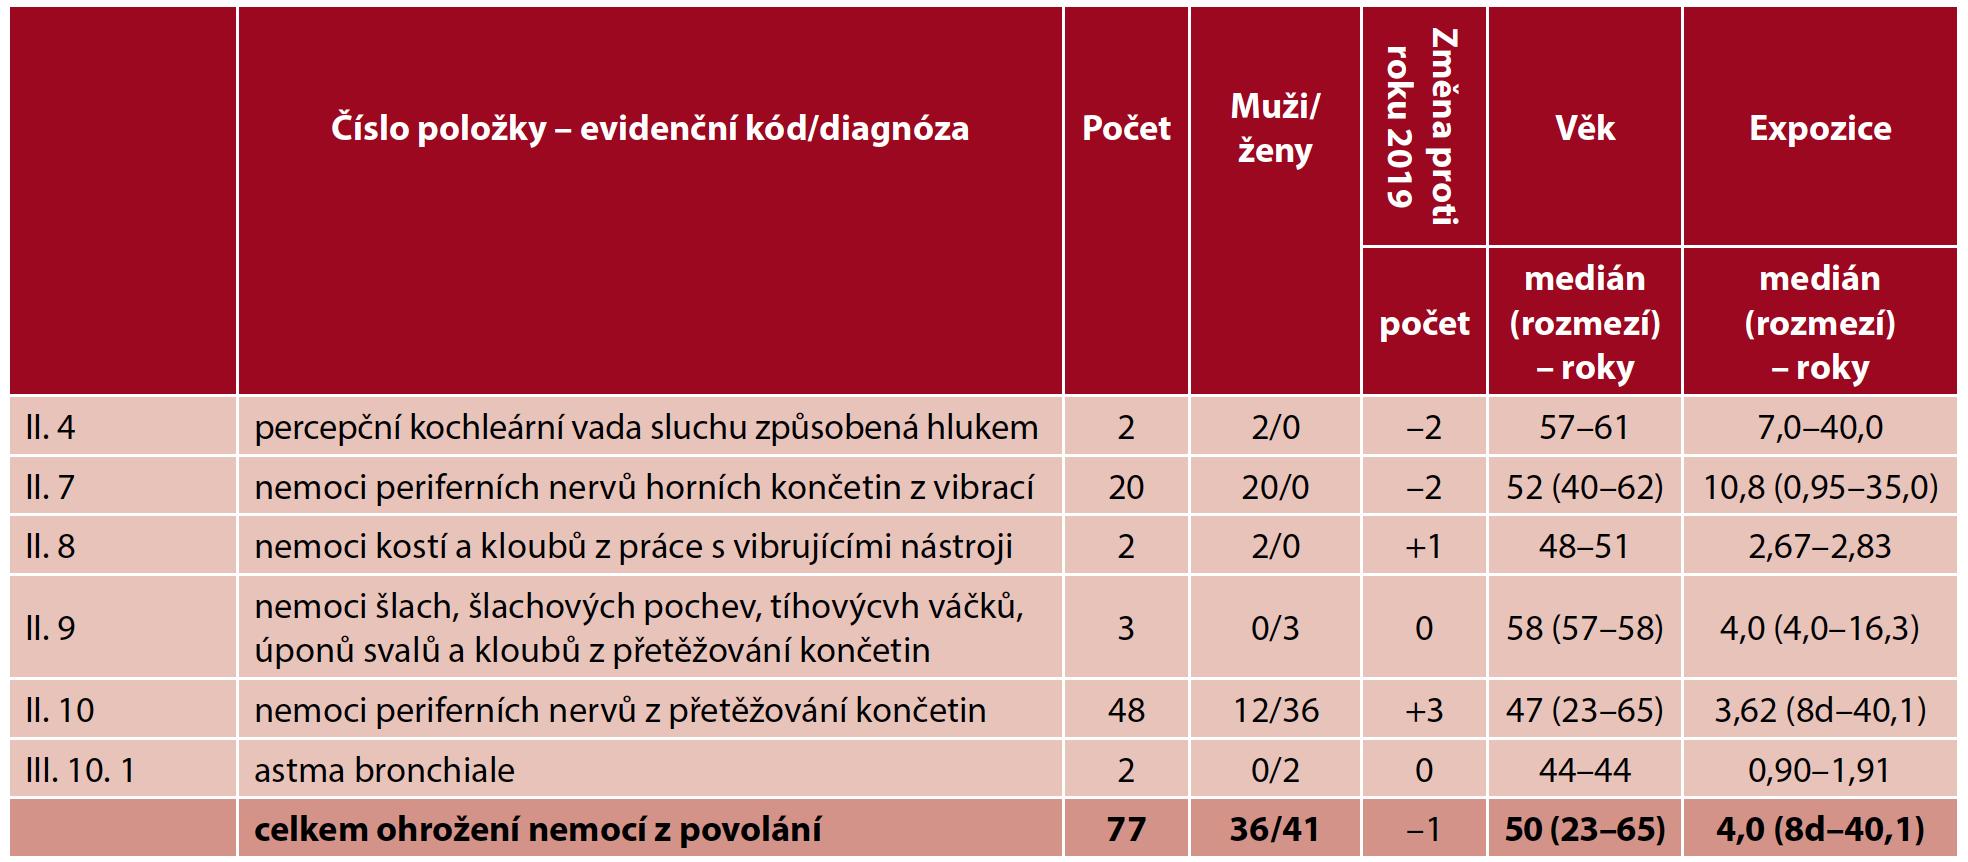 Ohrožení nemocí z povolání hlášená v České republice v roce 2020